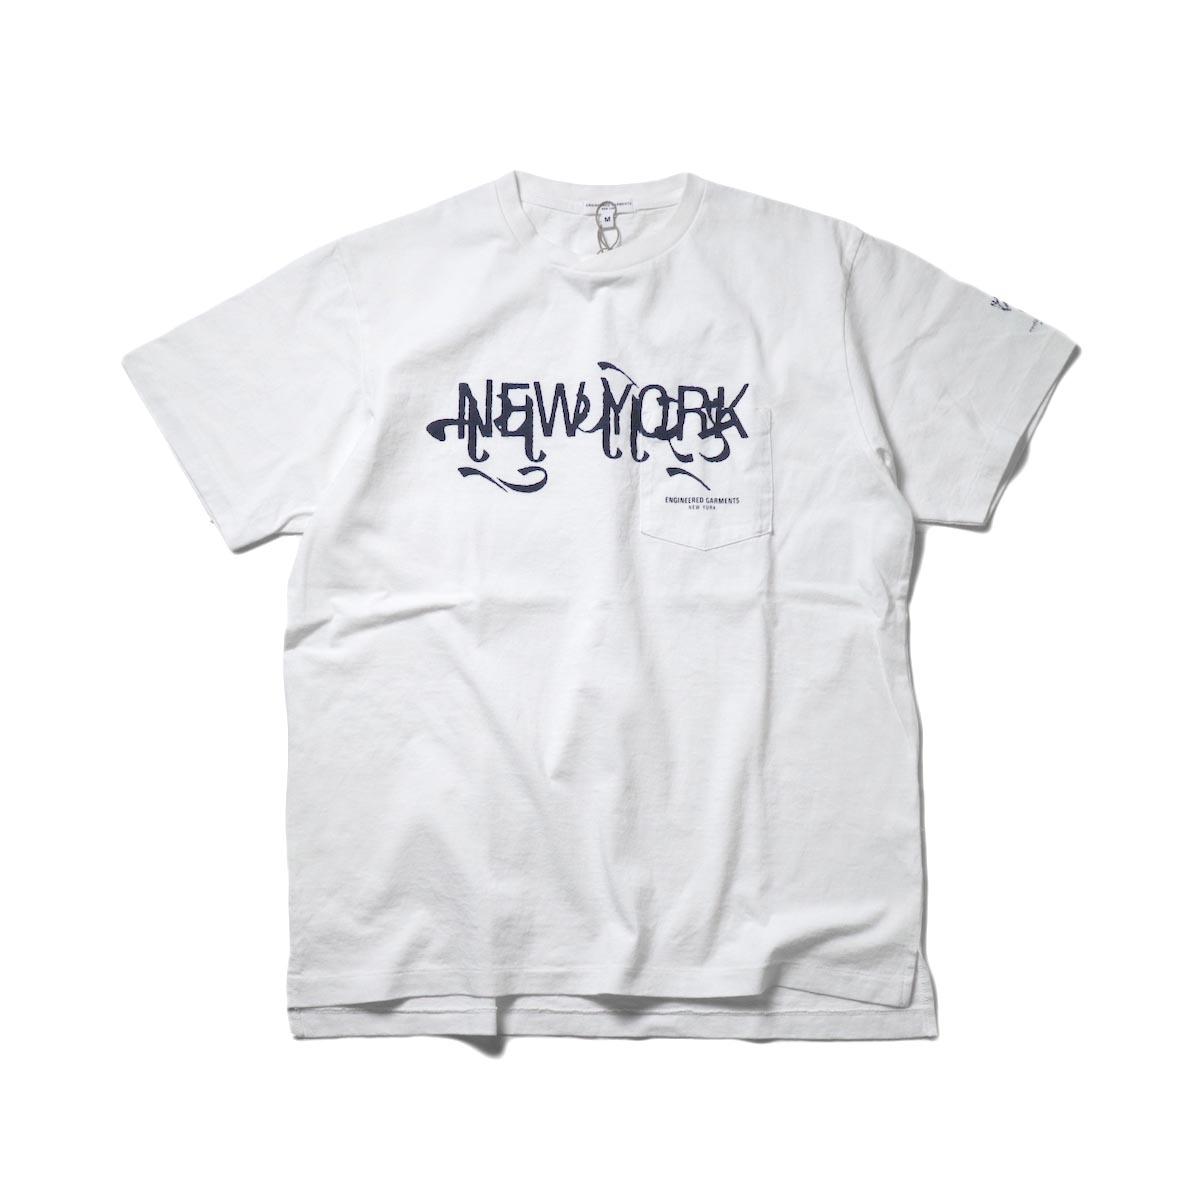 Engineered Garments / Printed Cross Crew Neck T-shirt -New York (White)